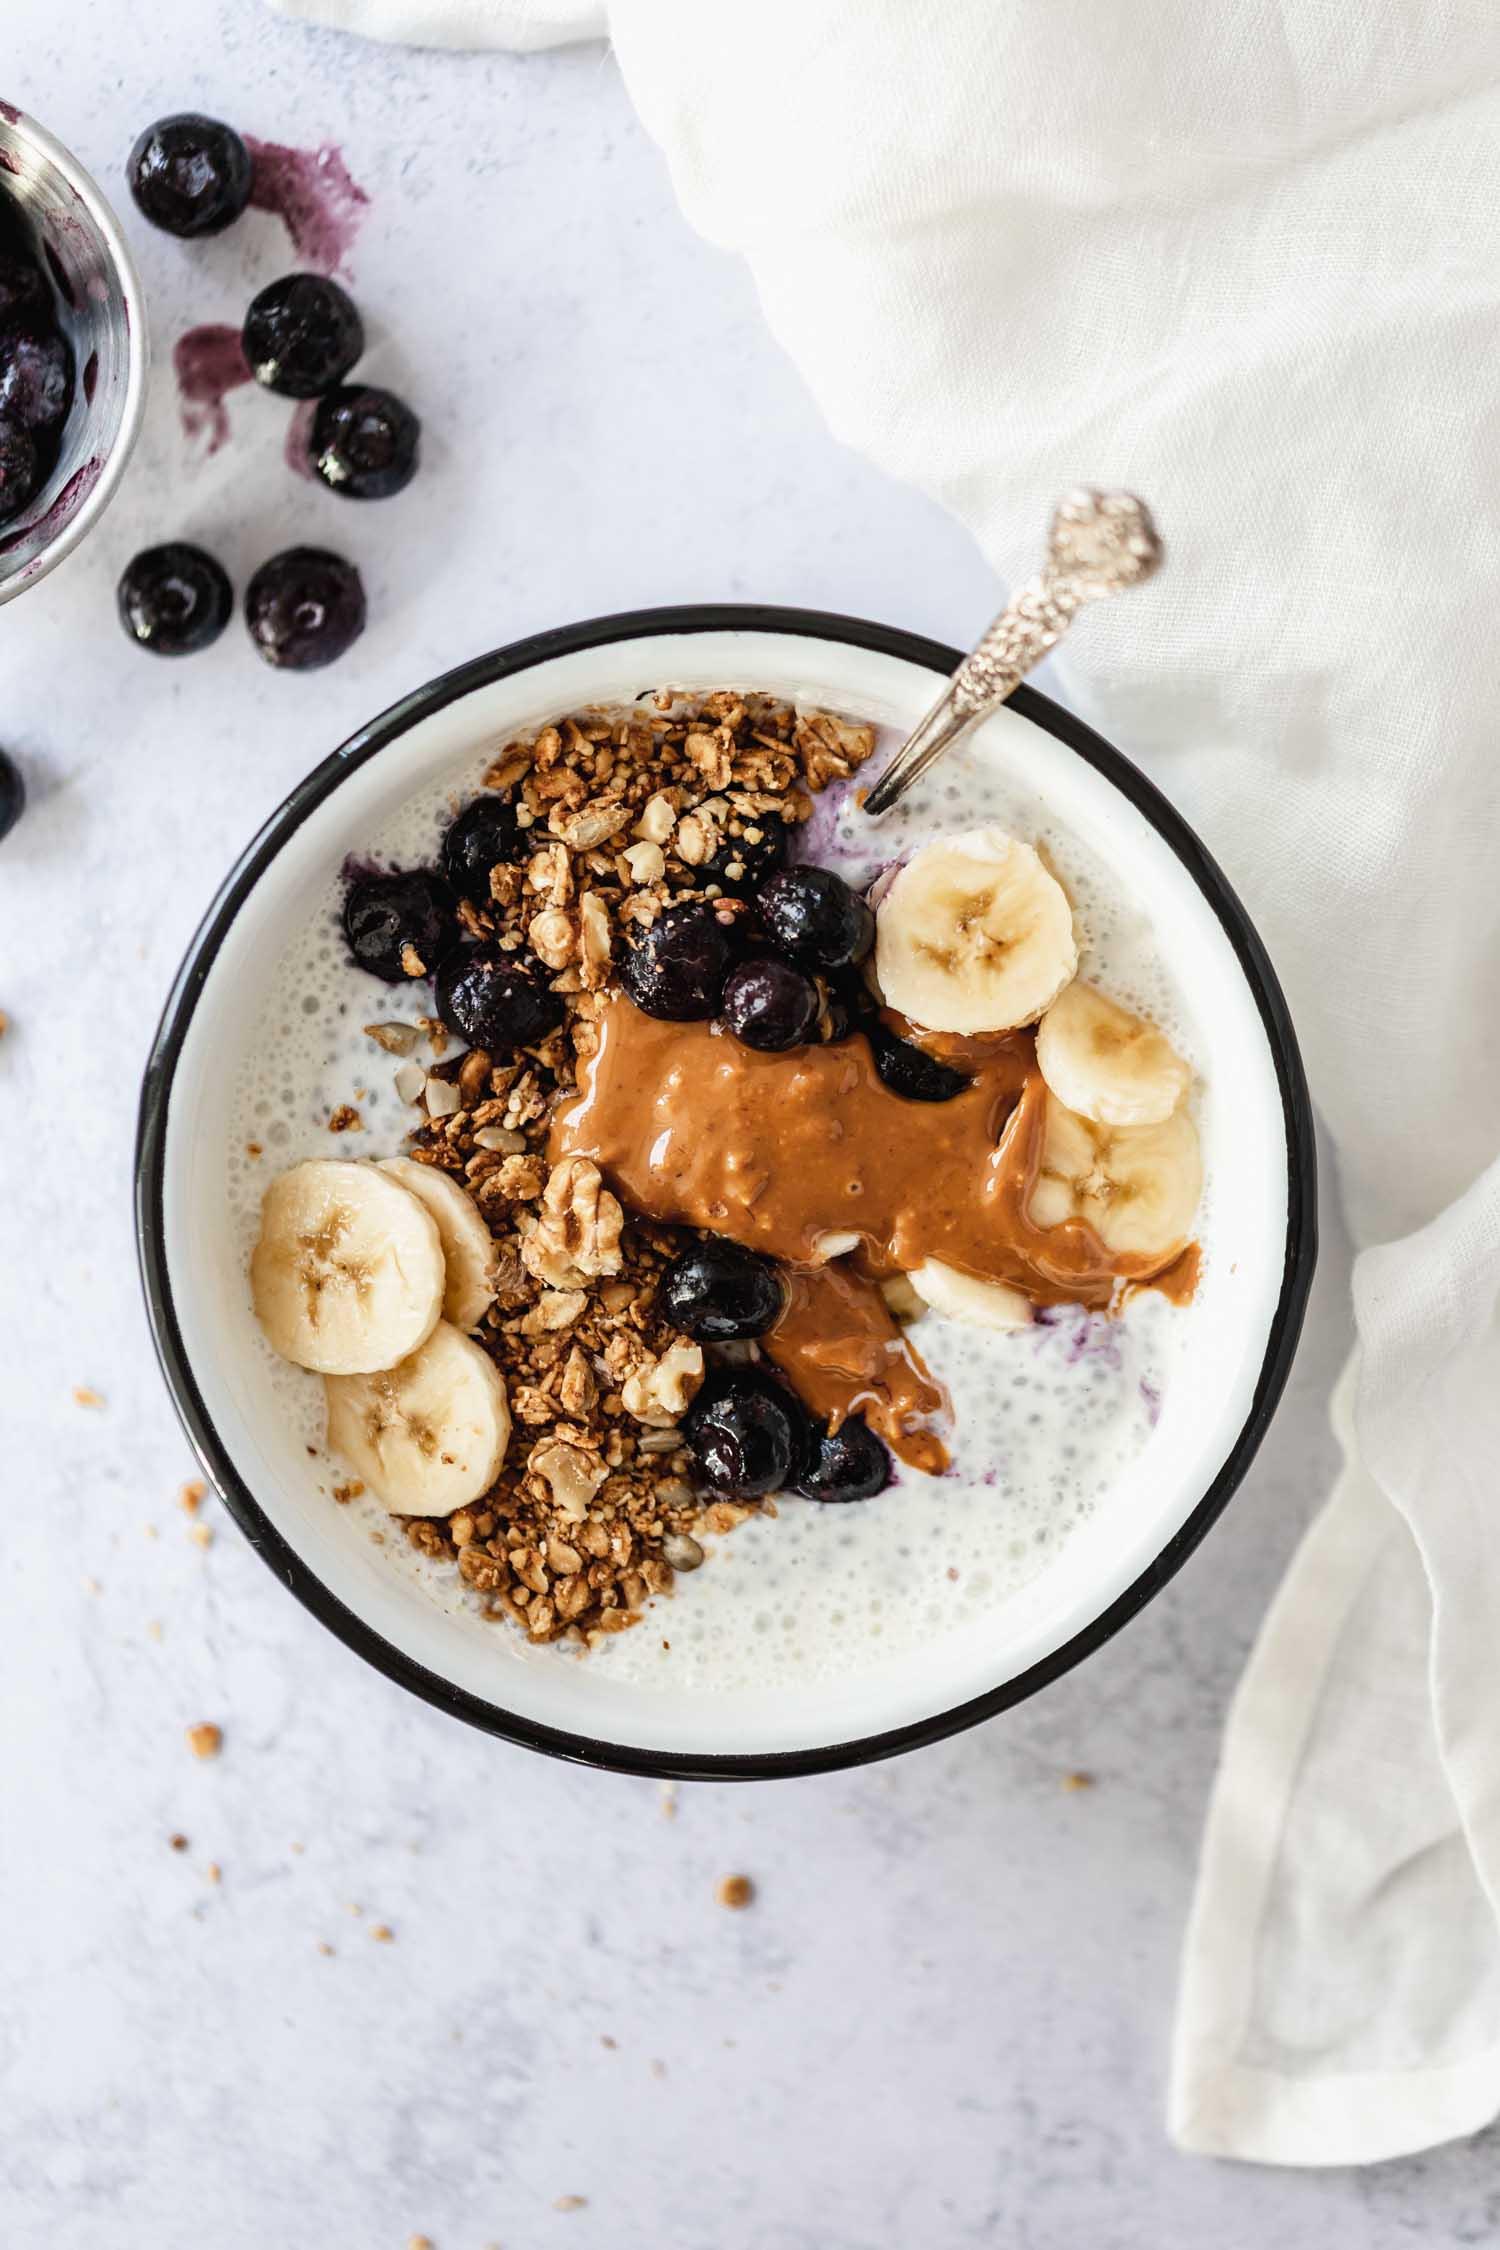 Recette vegan granola bowl sain Nümorning, graines de chia, banane et myrtilles